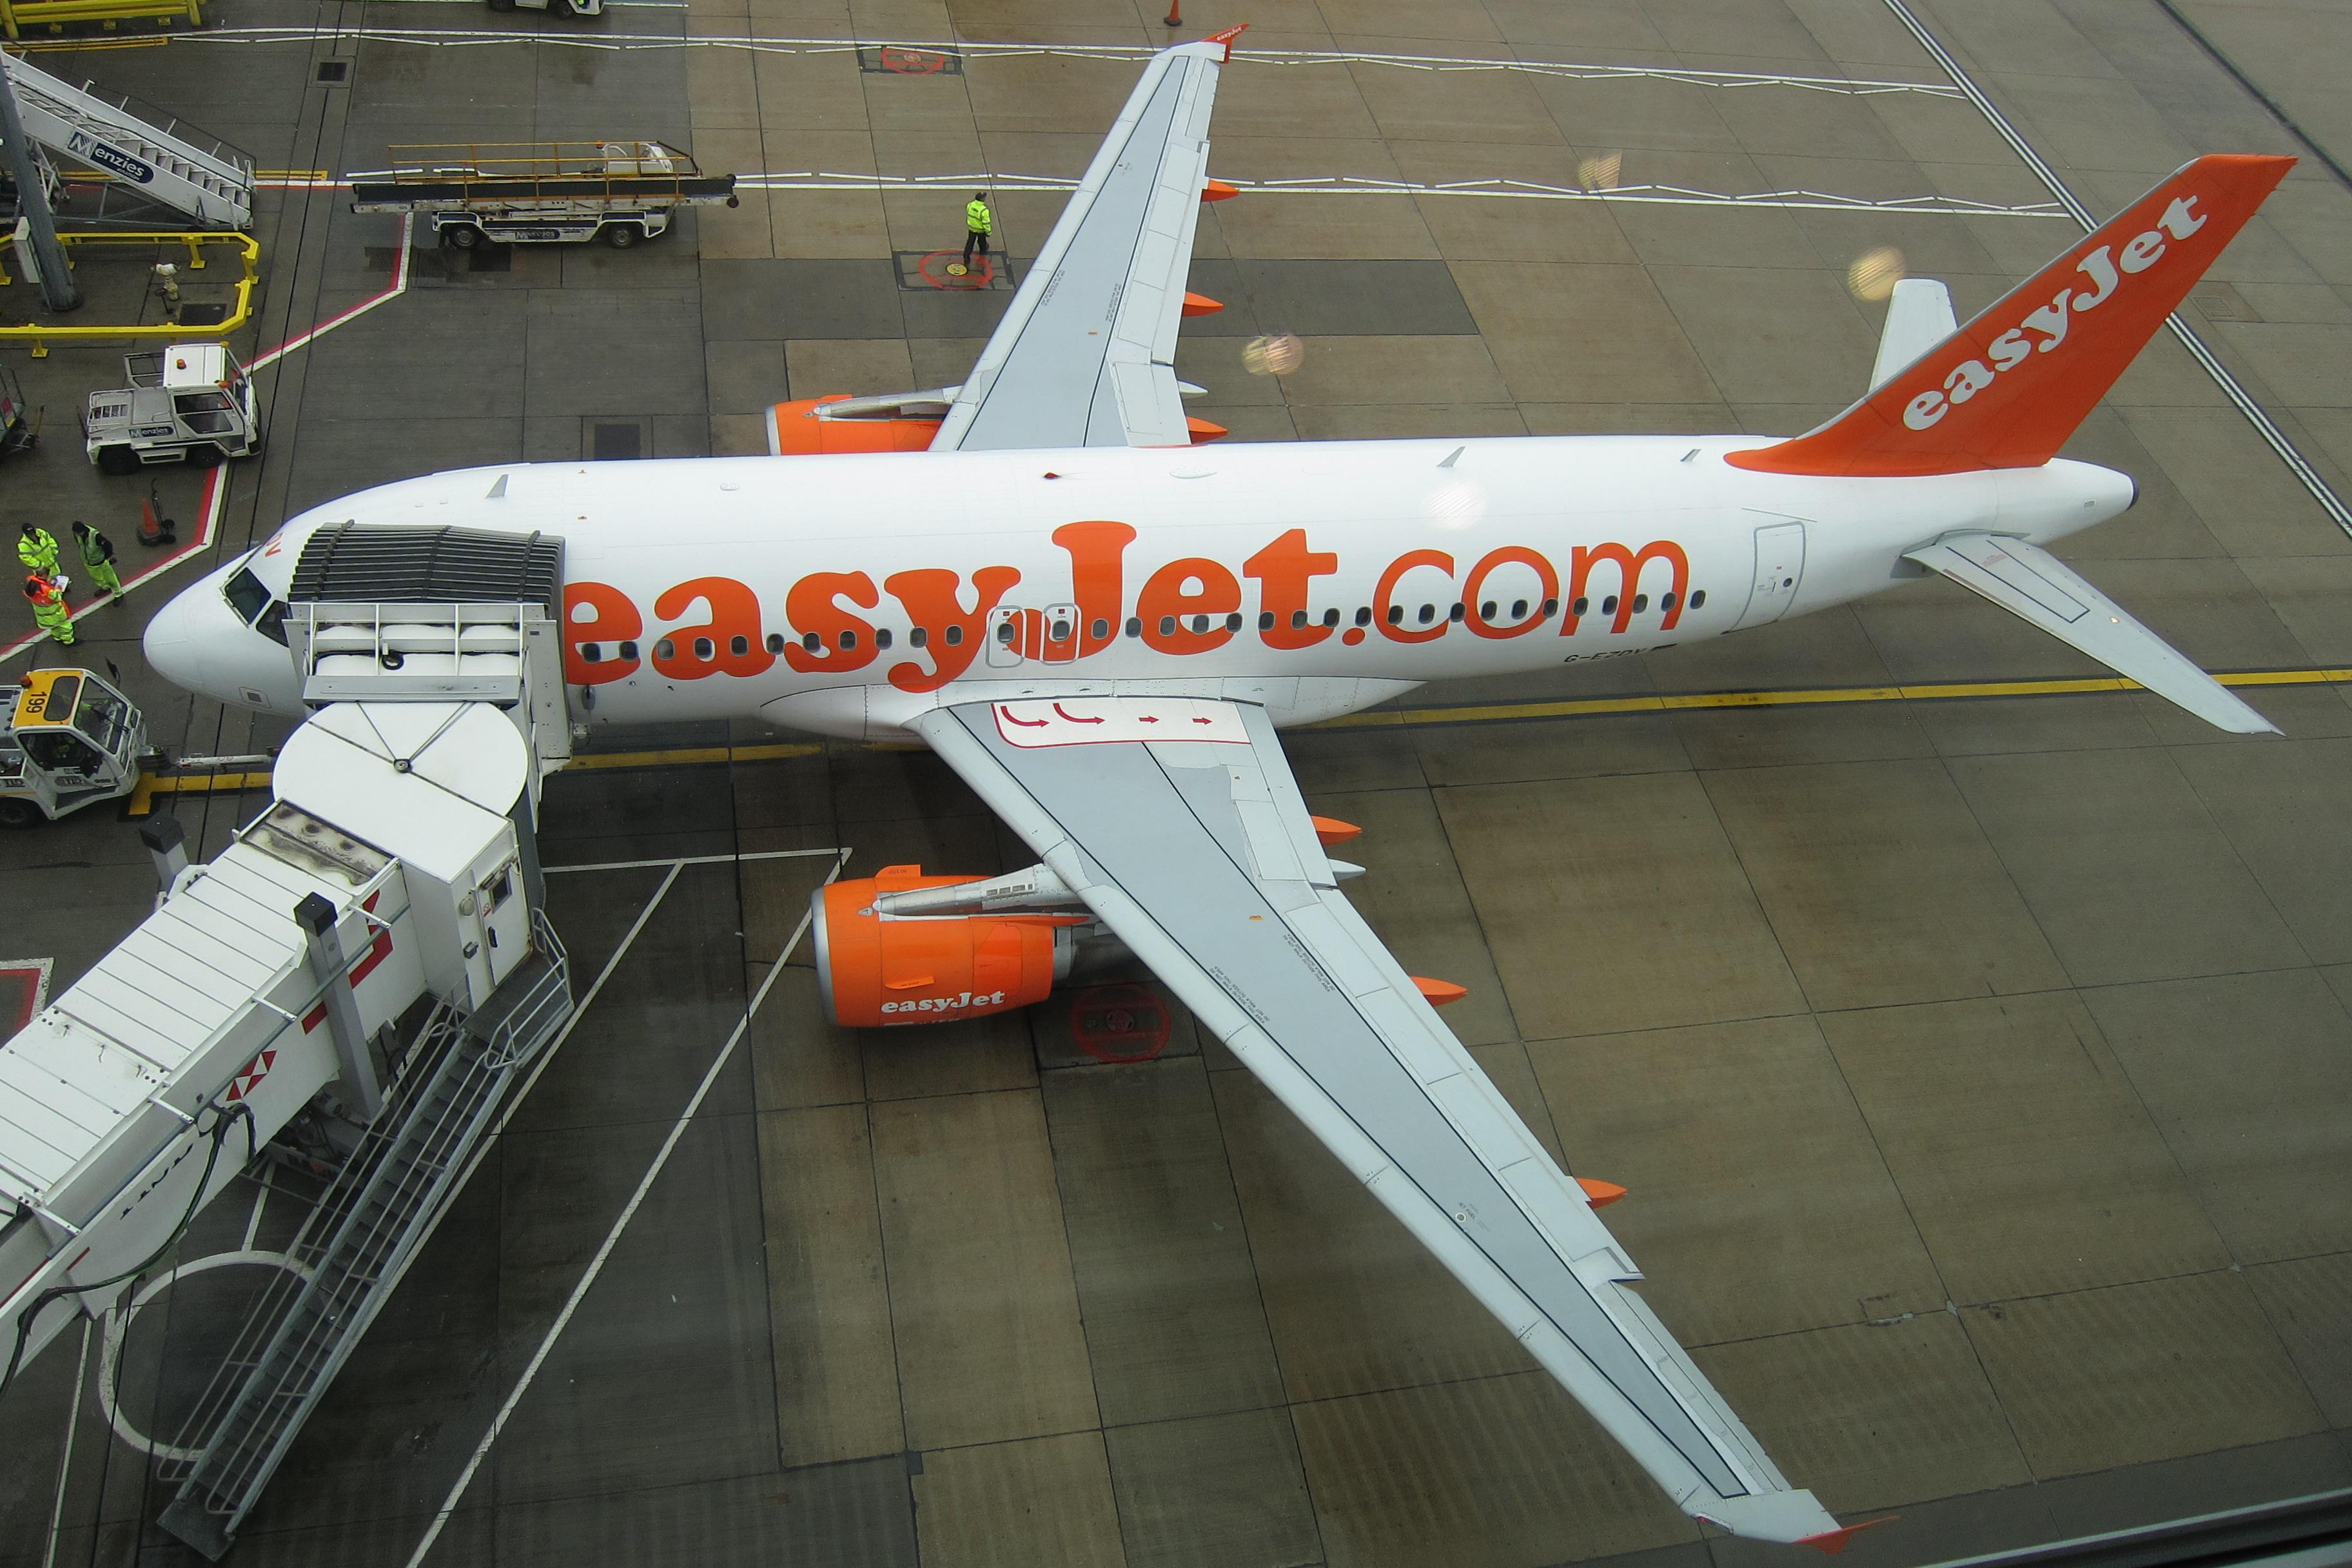 En Airbus A319 fra easyJet i London Gatwick. Foto: Olivier Cleynen